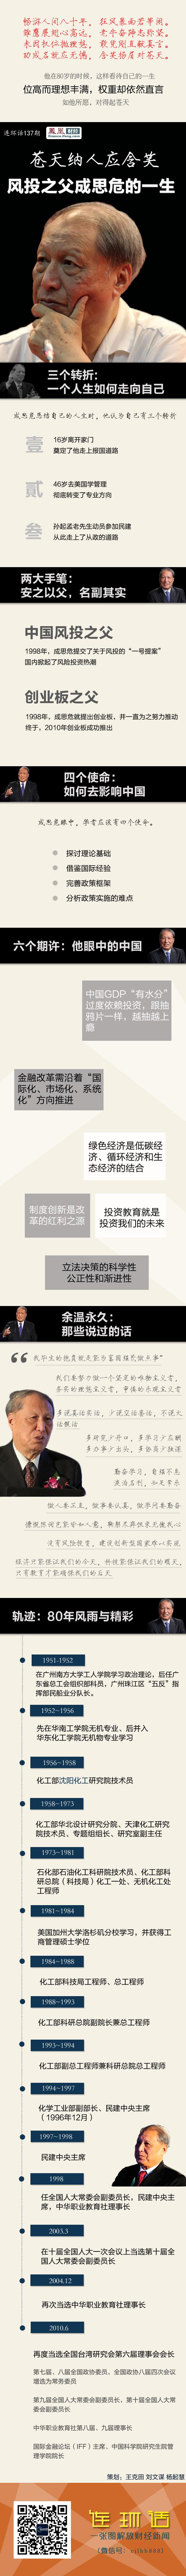 成思危逝世 曾预言房地产20年支柱地位 - li-han163 - 李 晗